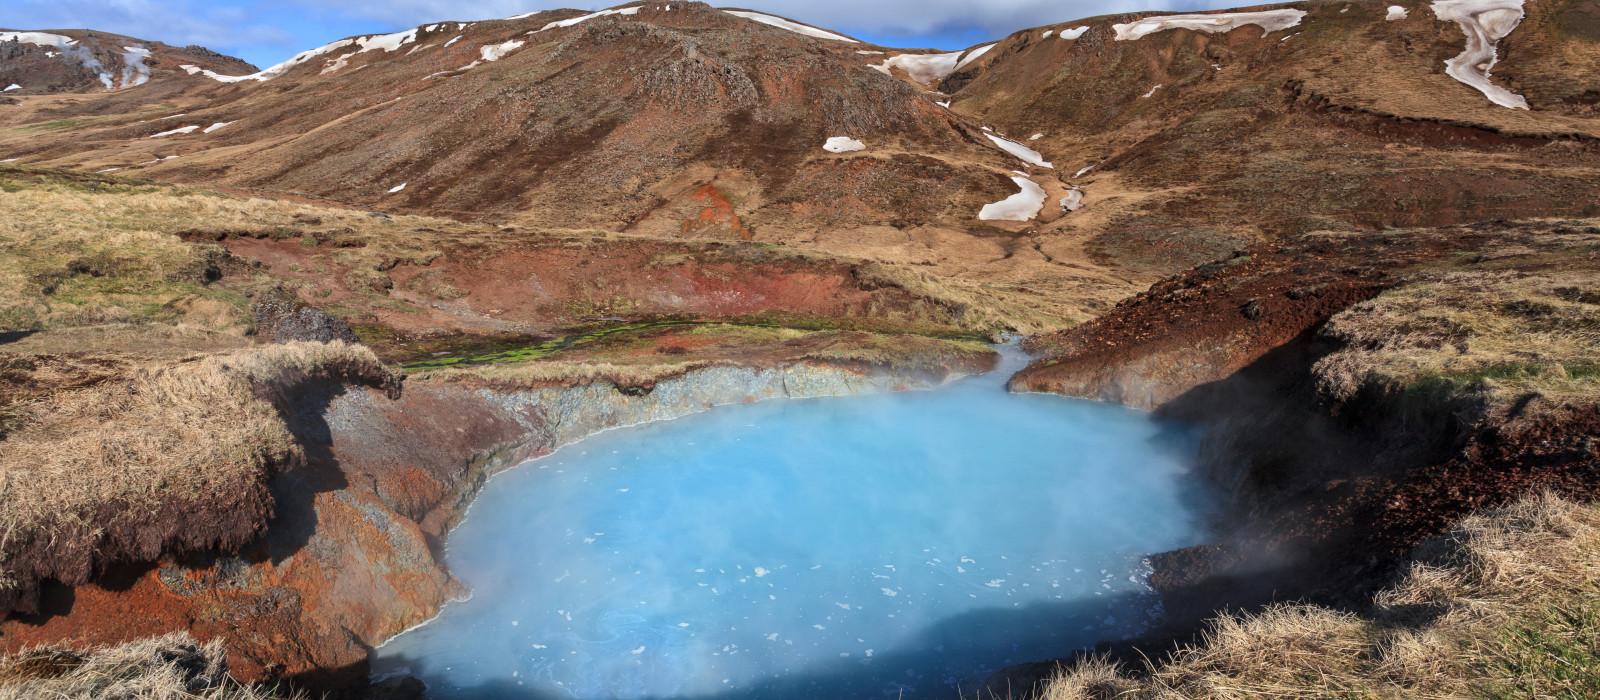 Destination Hveragerði Iceland